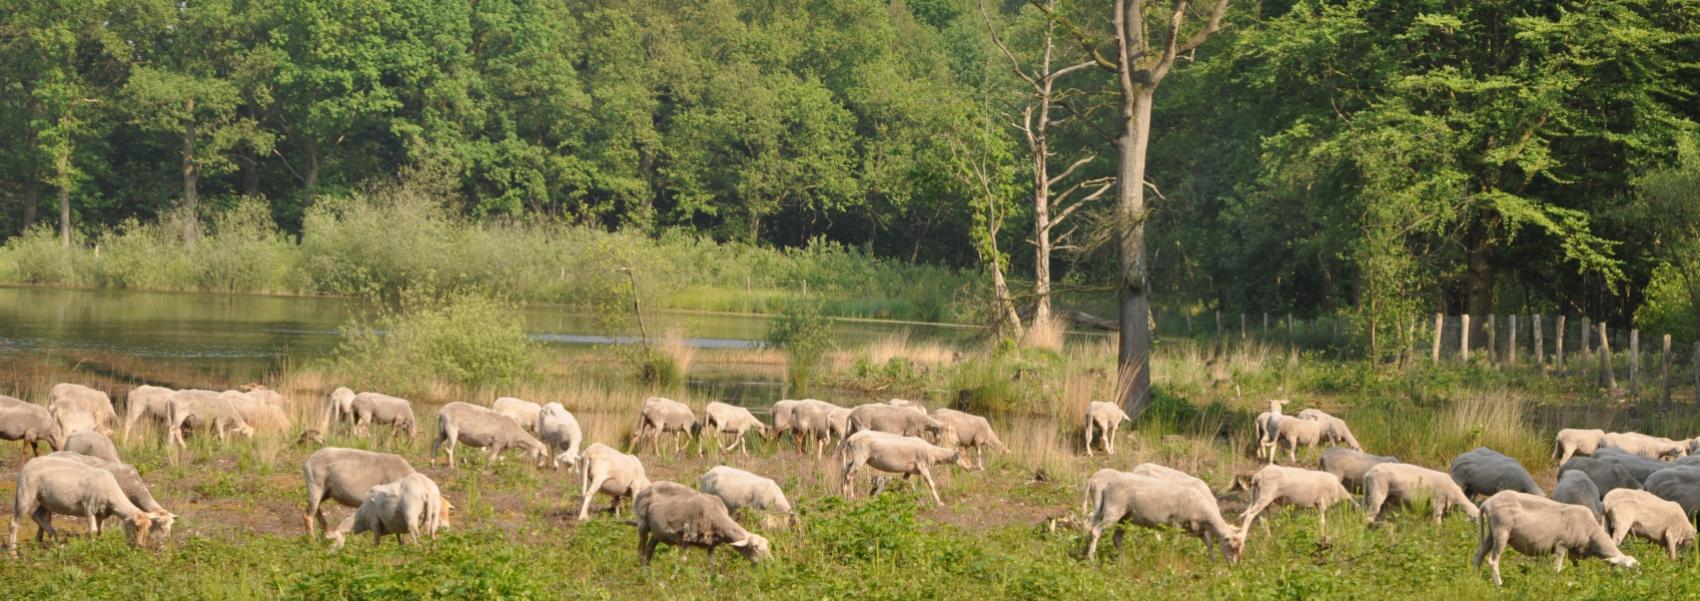 schapenbegrazing in Nieuwe Bossen